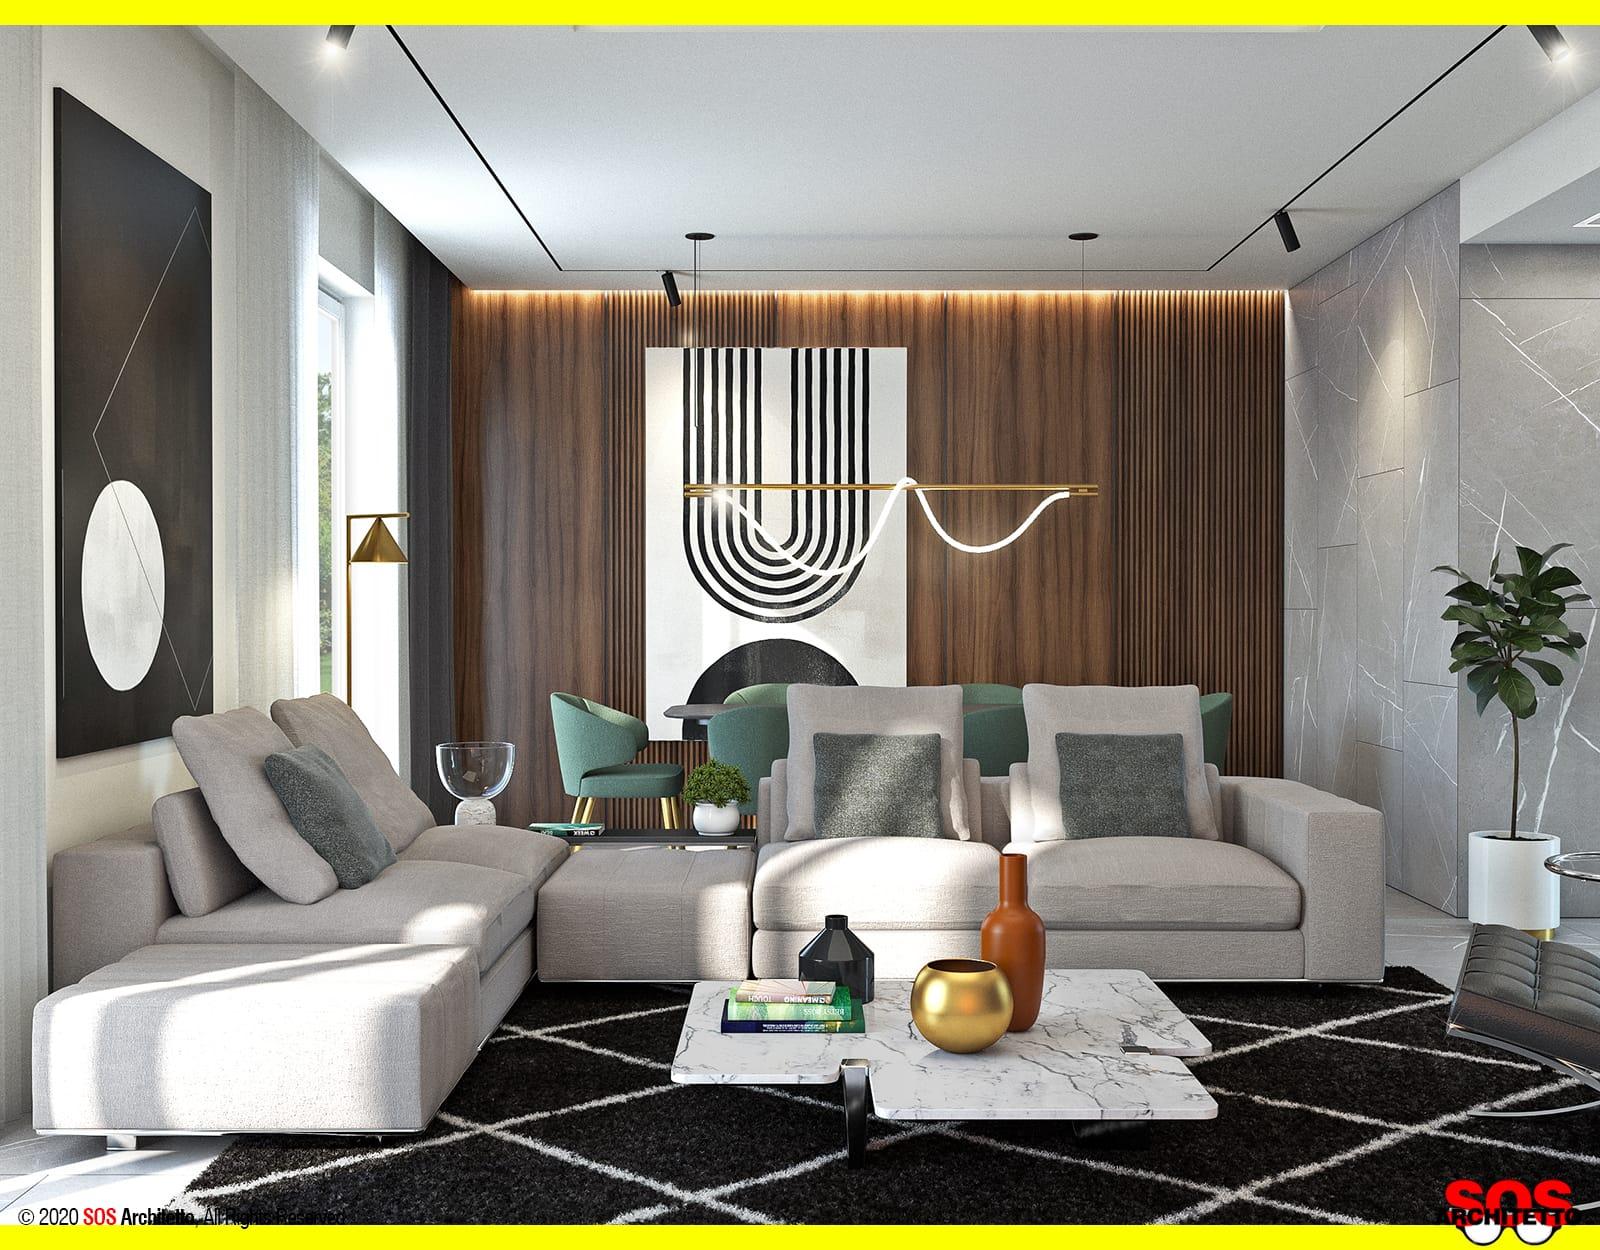 Ristrutturazione Completa Casa Costi quanto costa ristrutturare casa - sos architetto